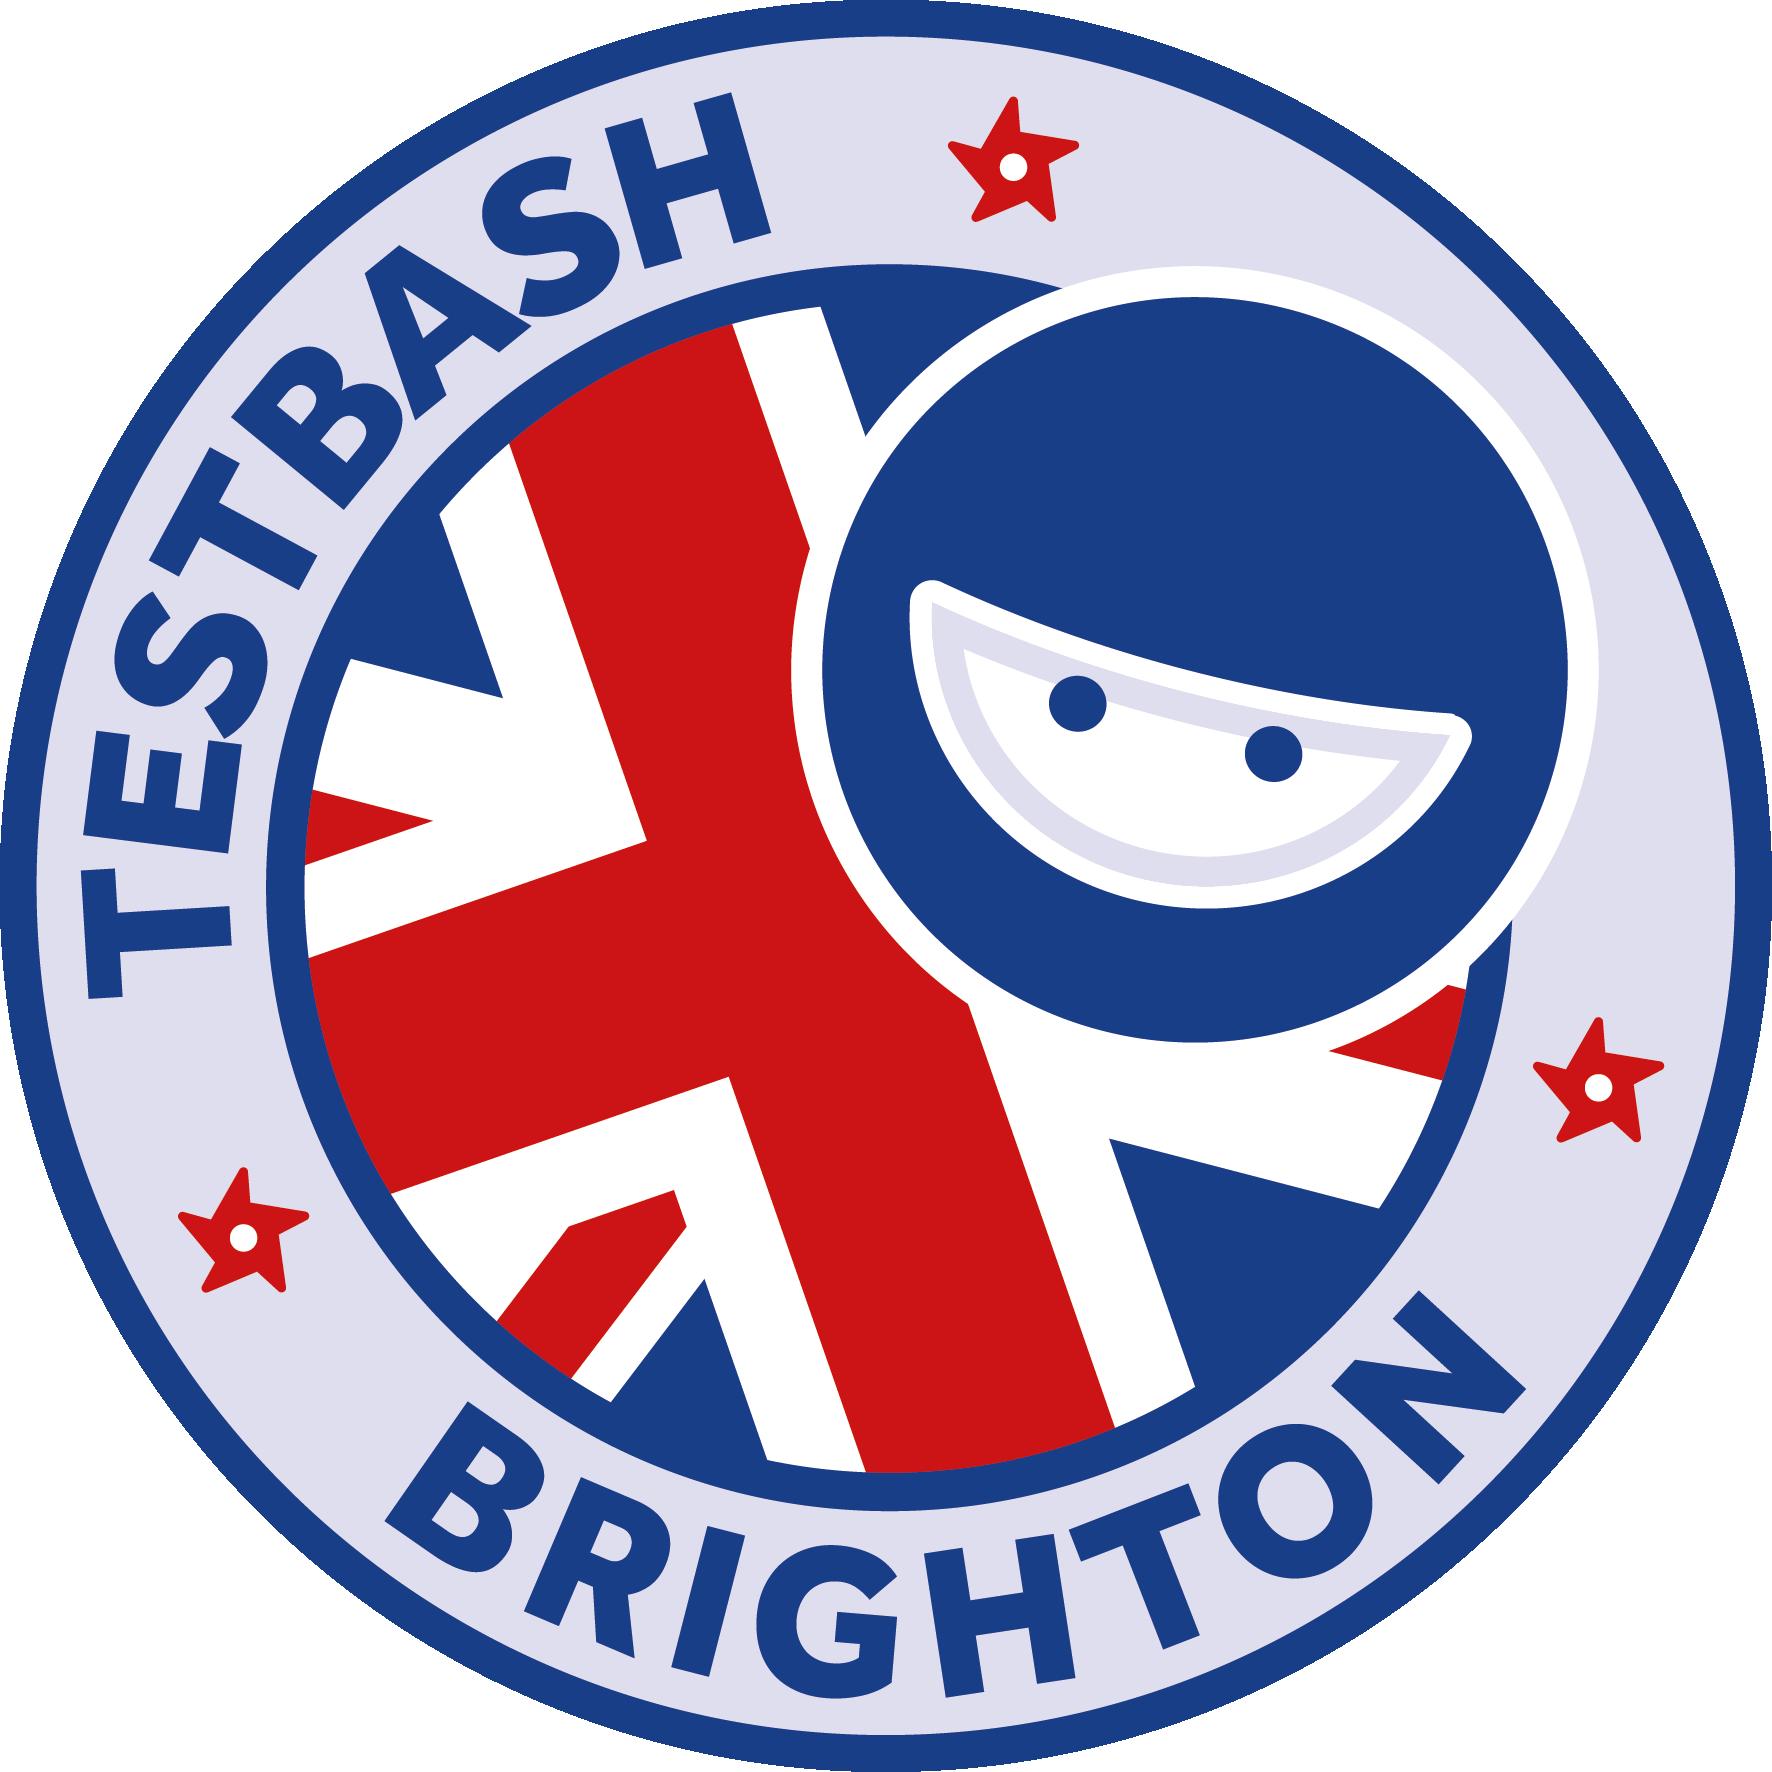 TestBash Brighton logo